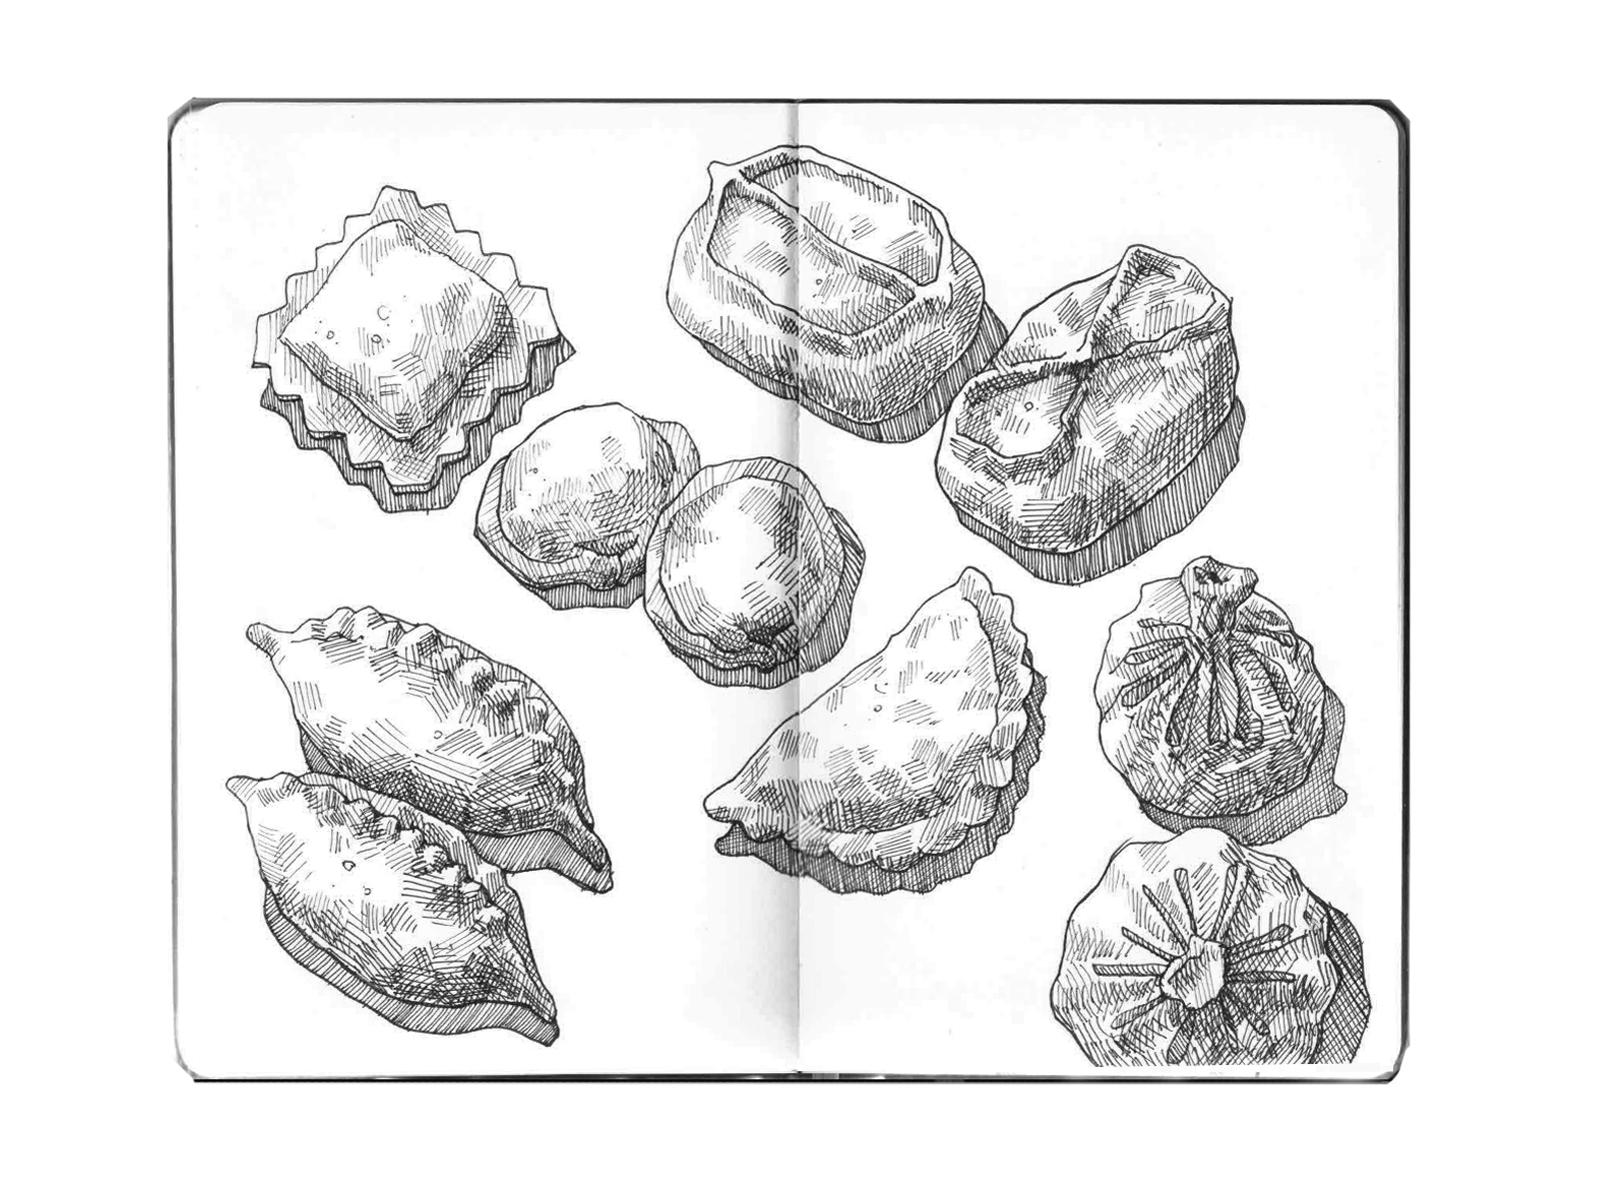 Sketchbook_07 by Vladimir Ionov